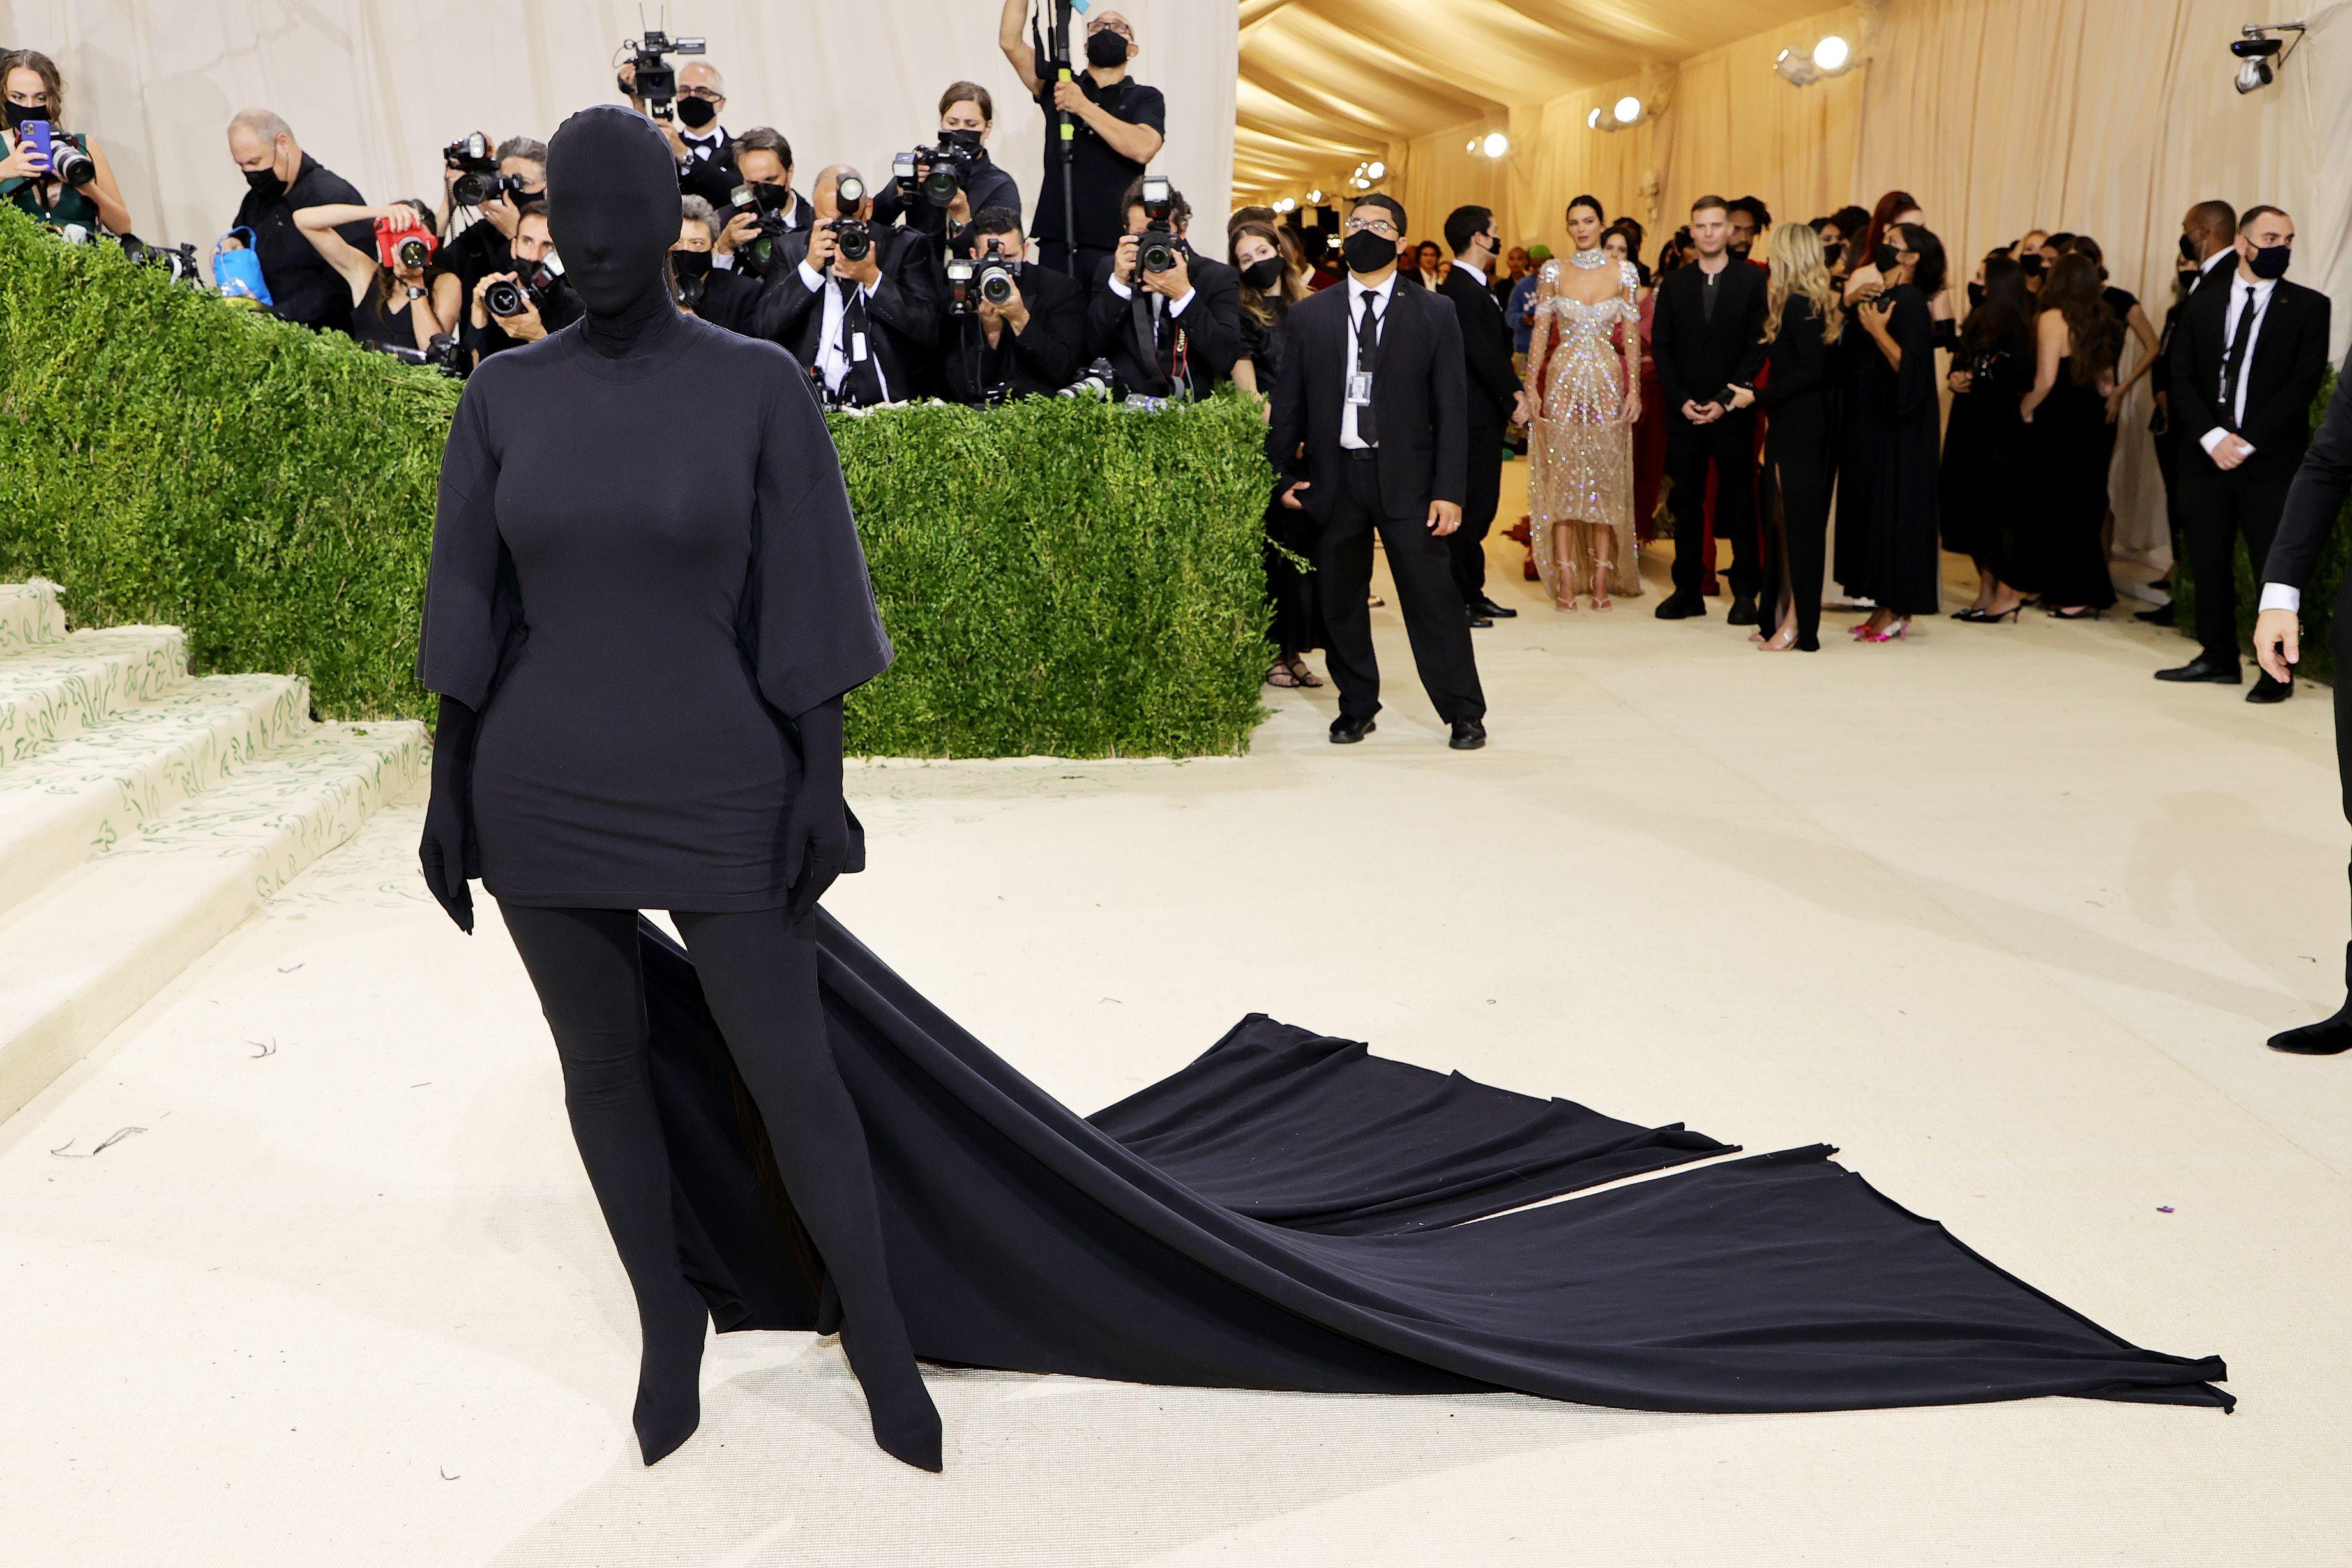 Kim Kardashian attends The 2021 Met Gala(AFP)